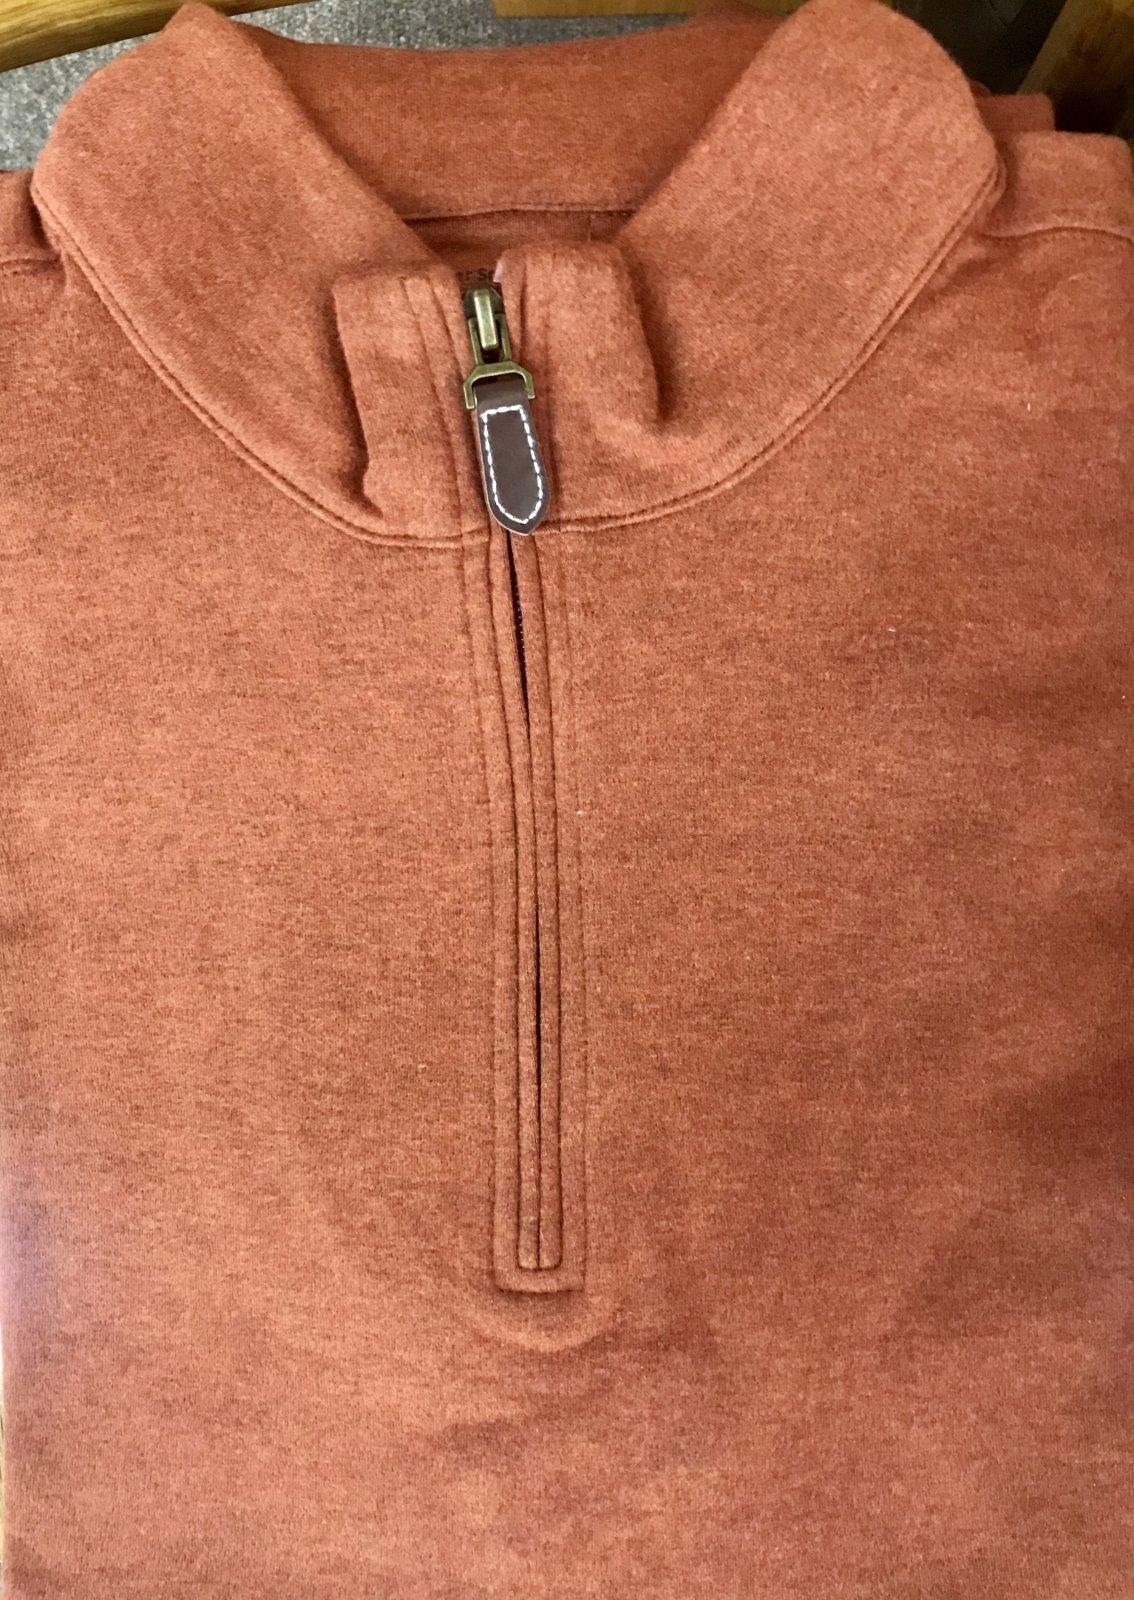 Batton Cotton Suede 1/4 Zp Vest